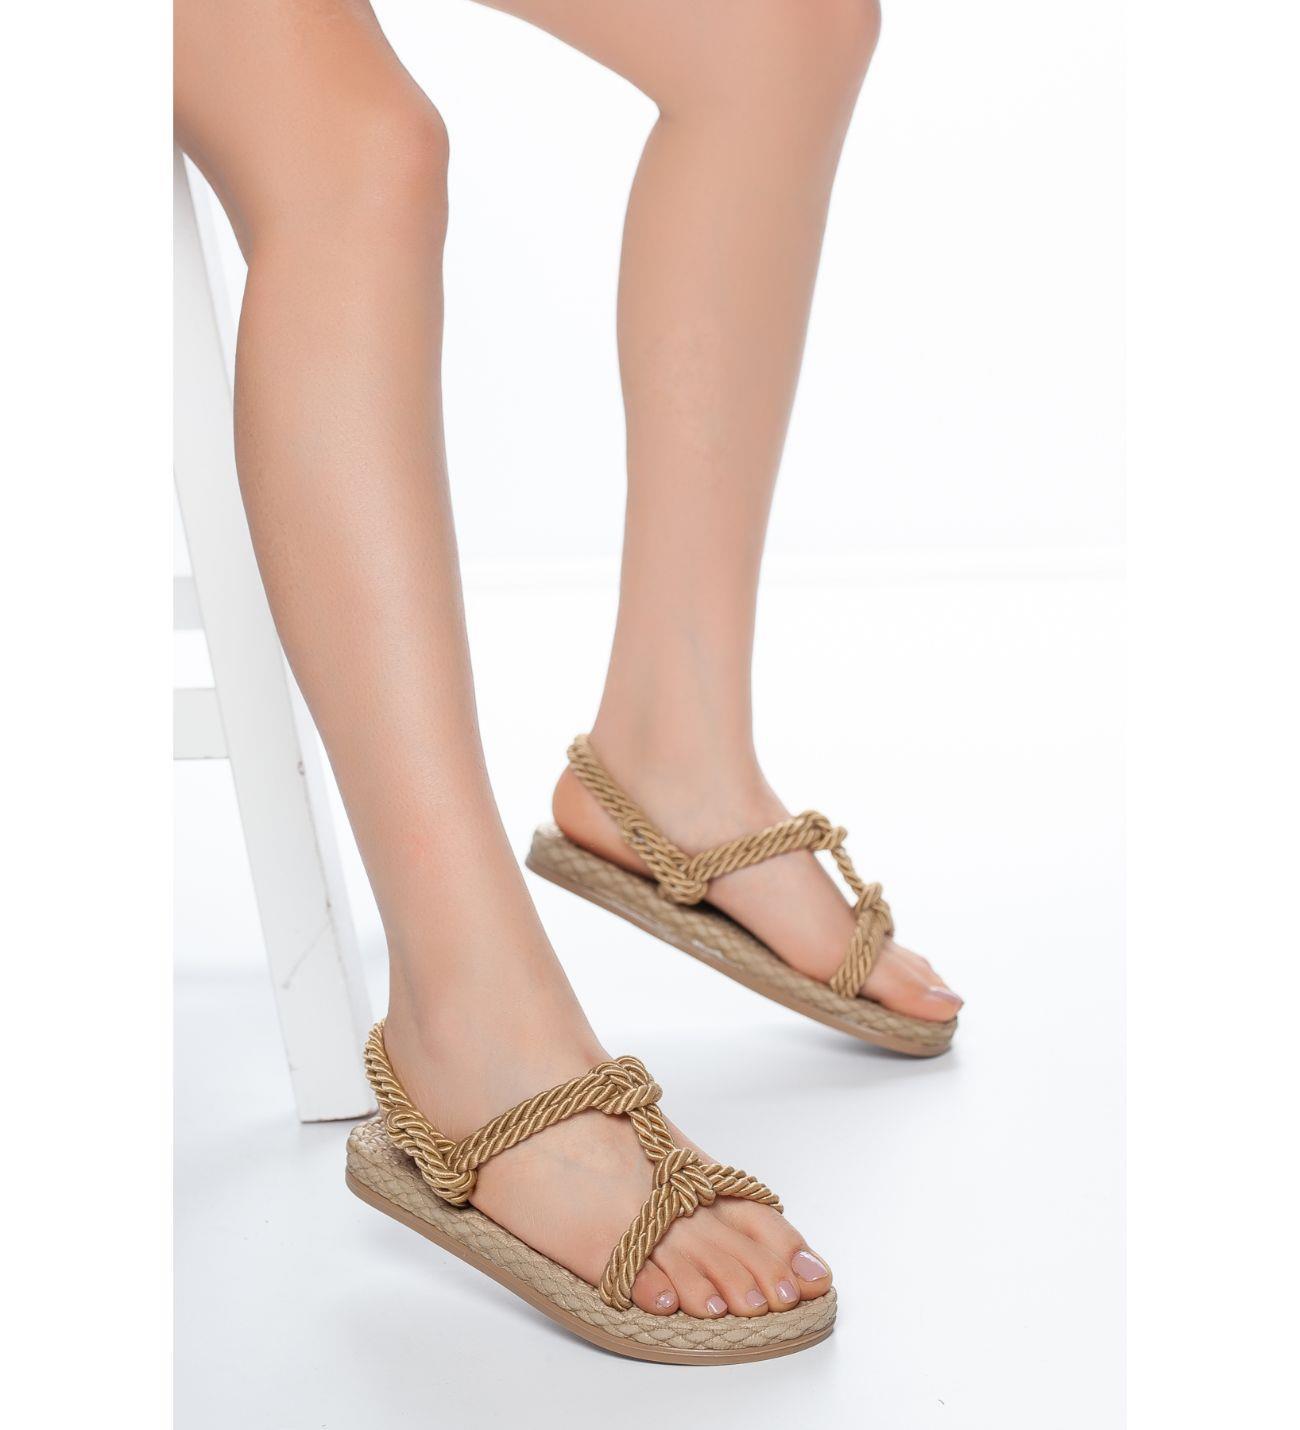 Women's Summer Straw Sandals